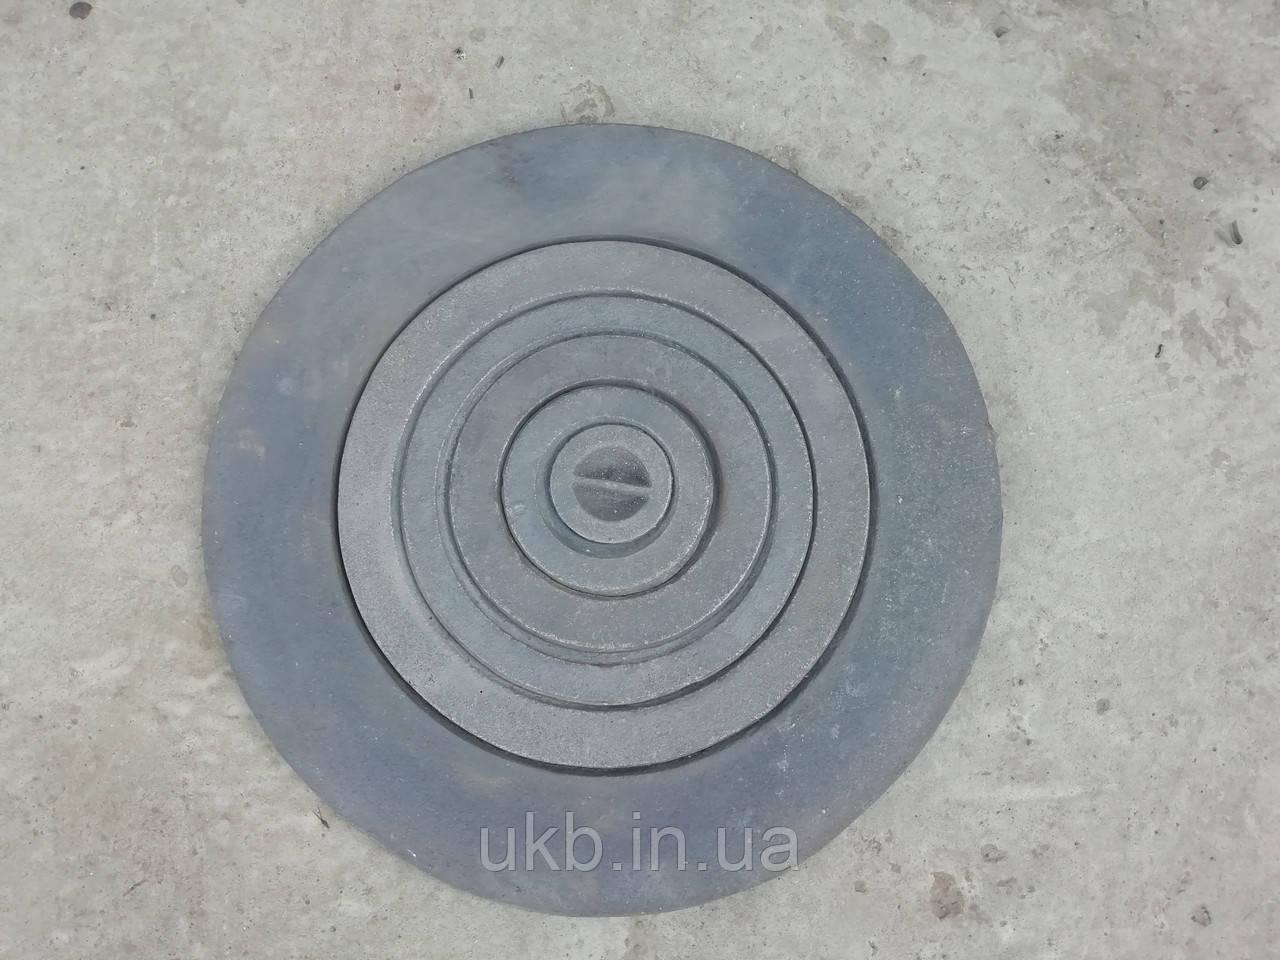 Плита чугунная круглая 600 мм / Плита чавунна кругла 600 мм